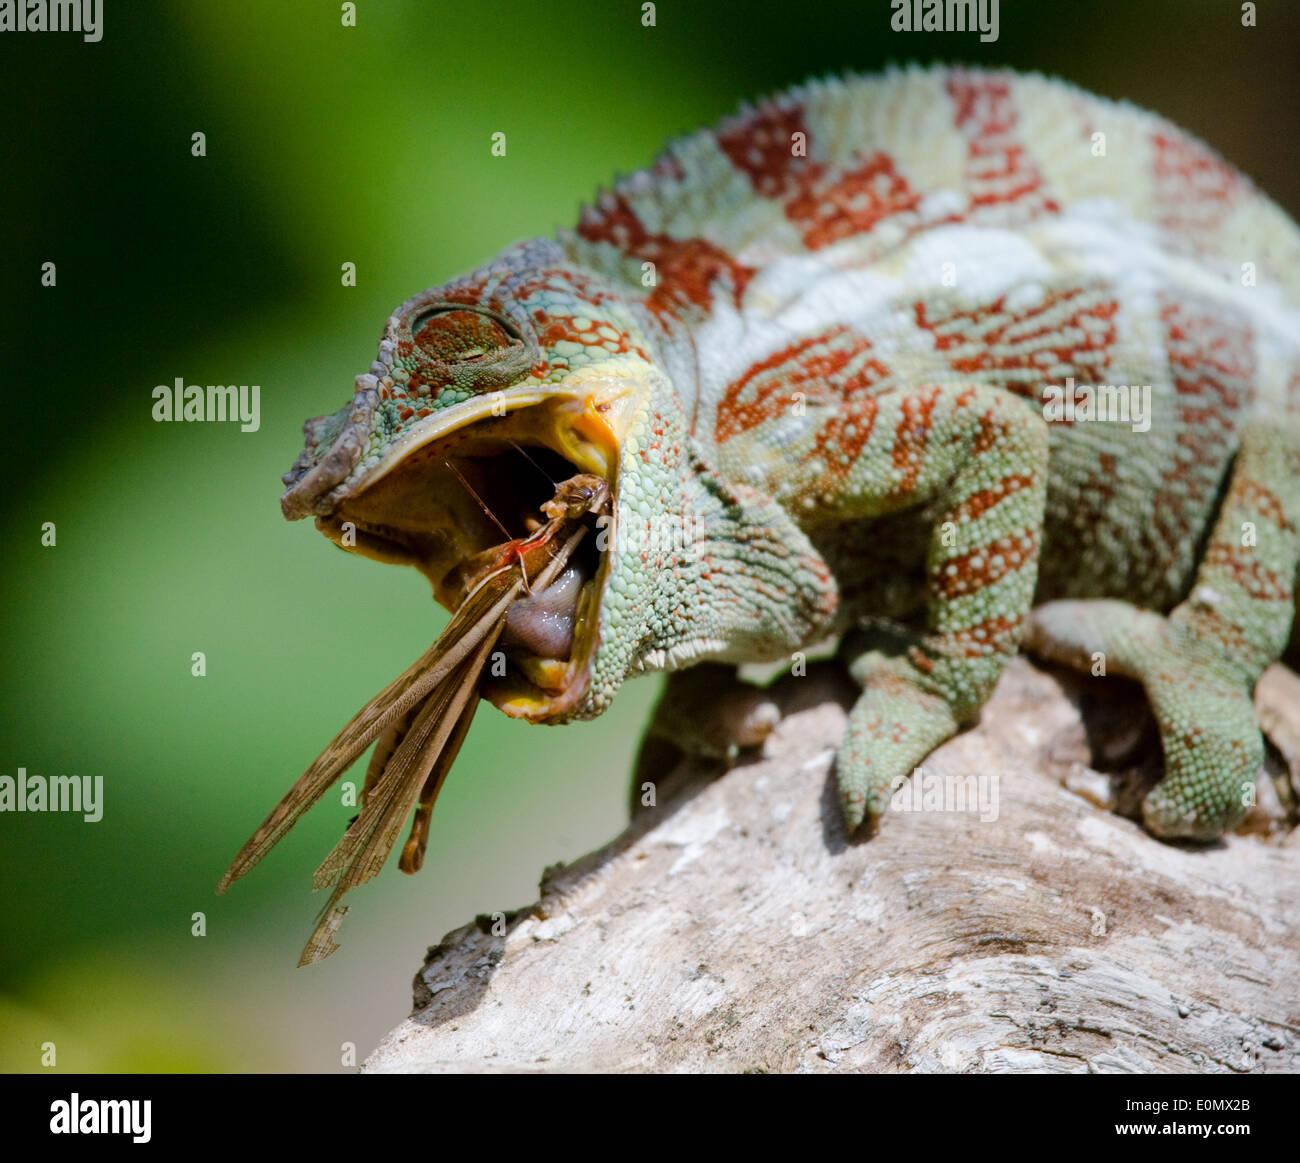 Chameleon eating a grig (insect), Madagascar (Chamaeleonidae), (Cyphoderris) - Stock Image